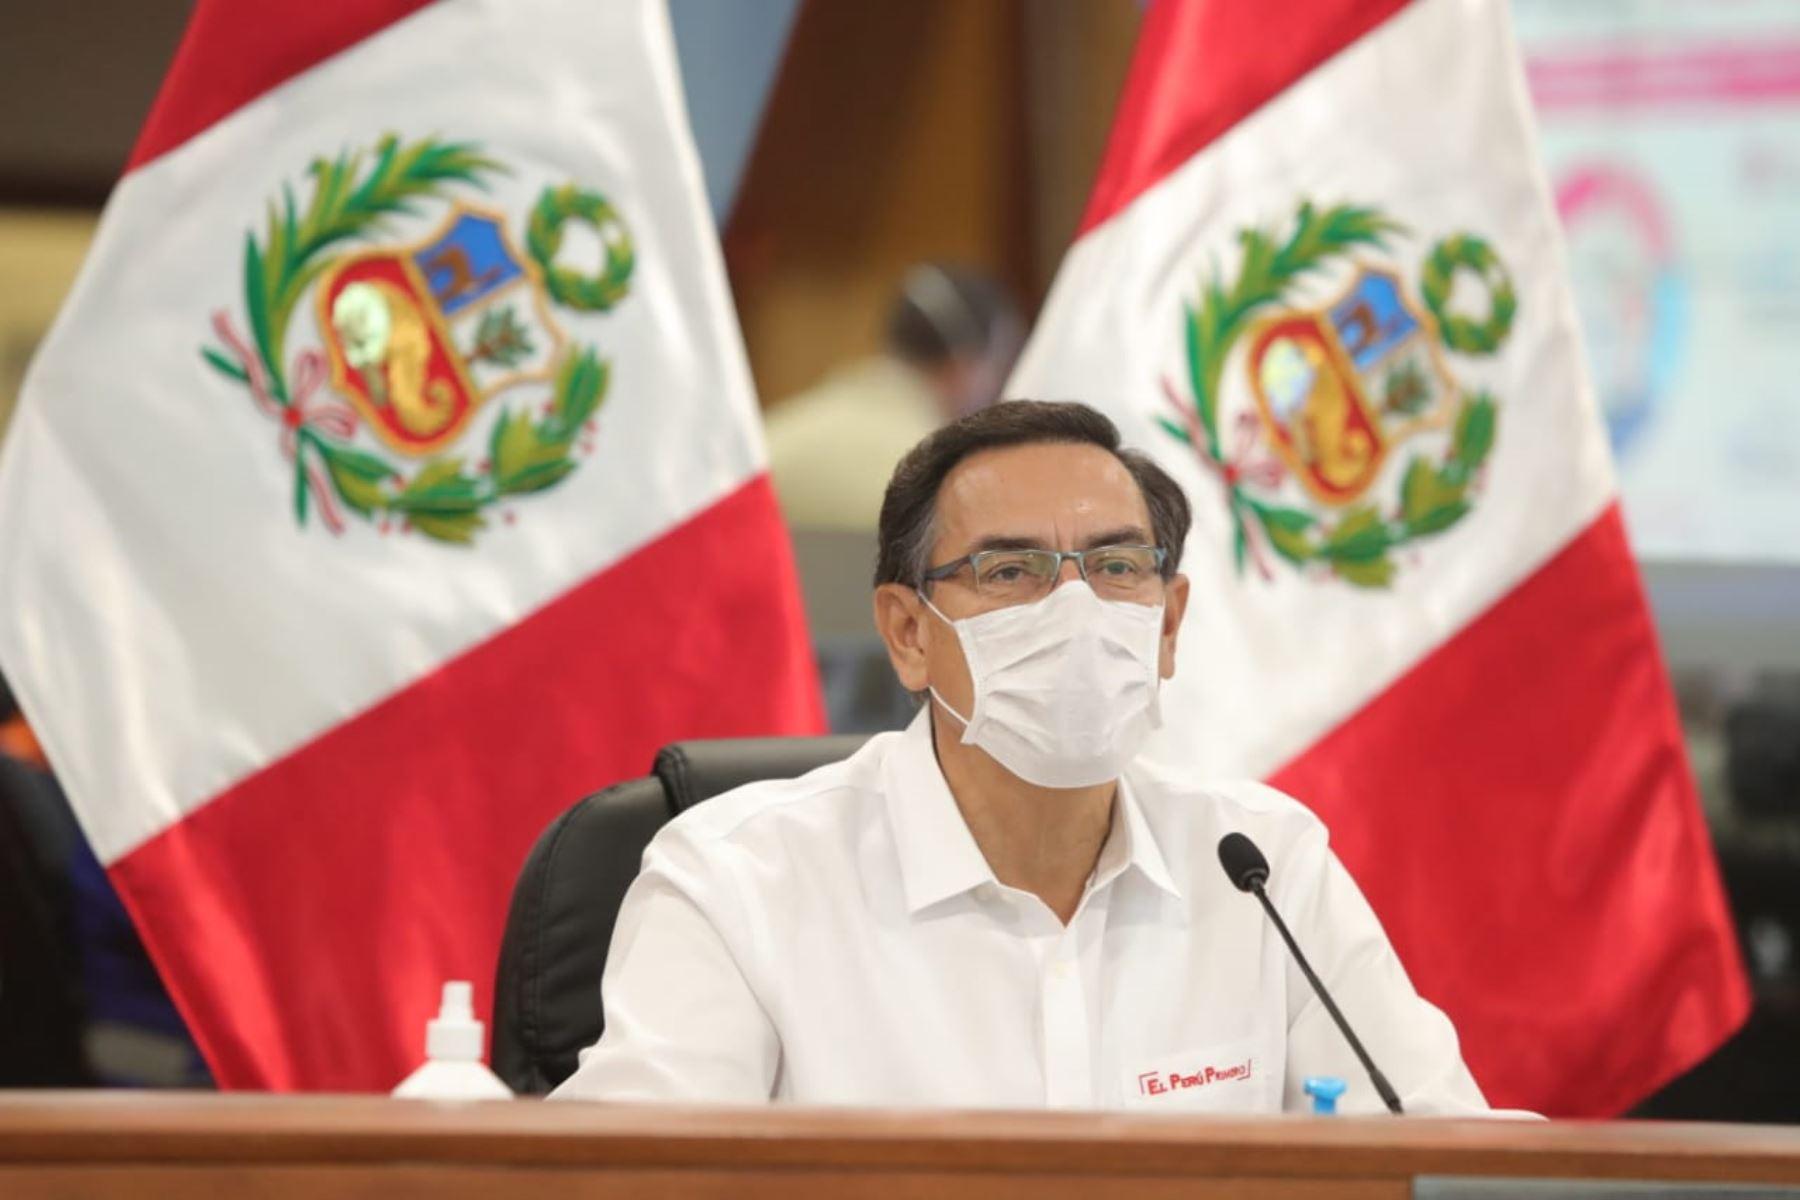 El presidente Martín Vizcarra participa en la sesión 128 del foro del Acuerdo Nacional, en la cual se aborda el plan de reanudación de actividades económicas y la situación de la pandemia del coronavirus (covid-19) en el país.Foto: ANDINA/Prensa Presidencia